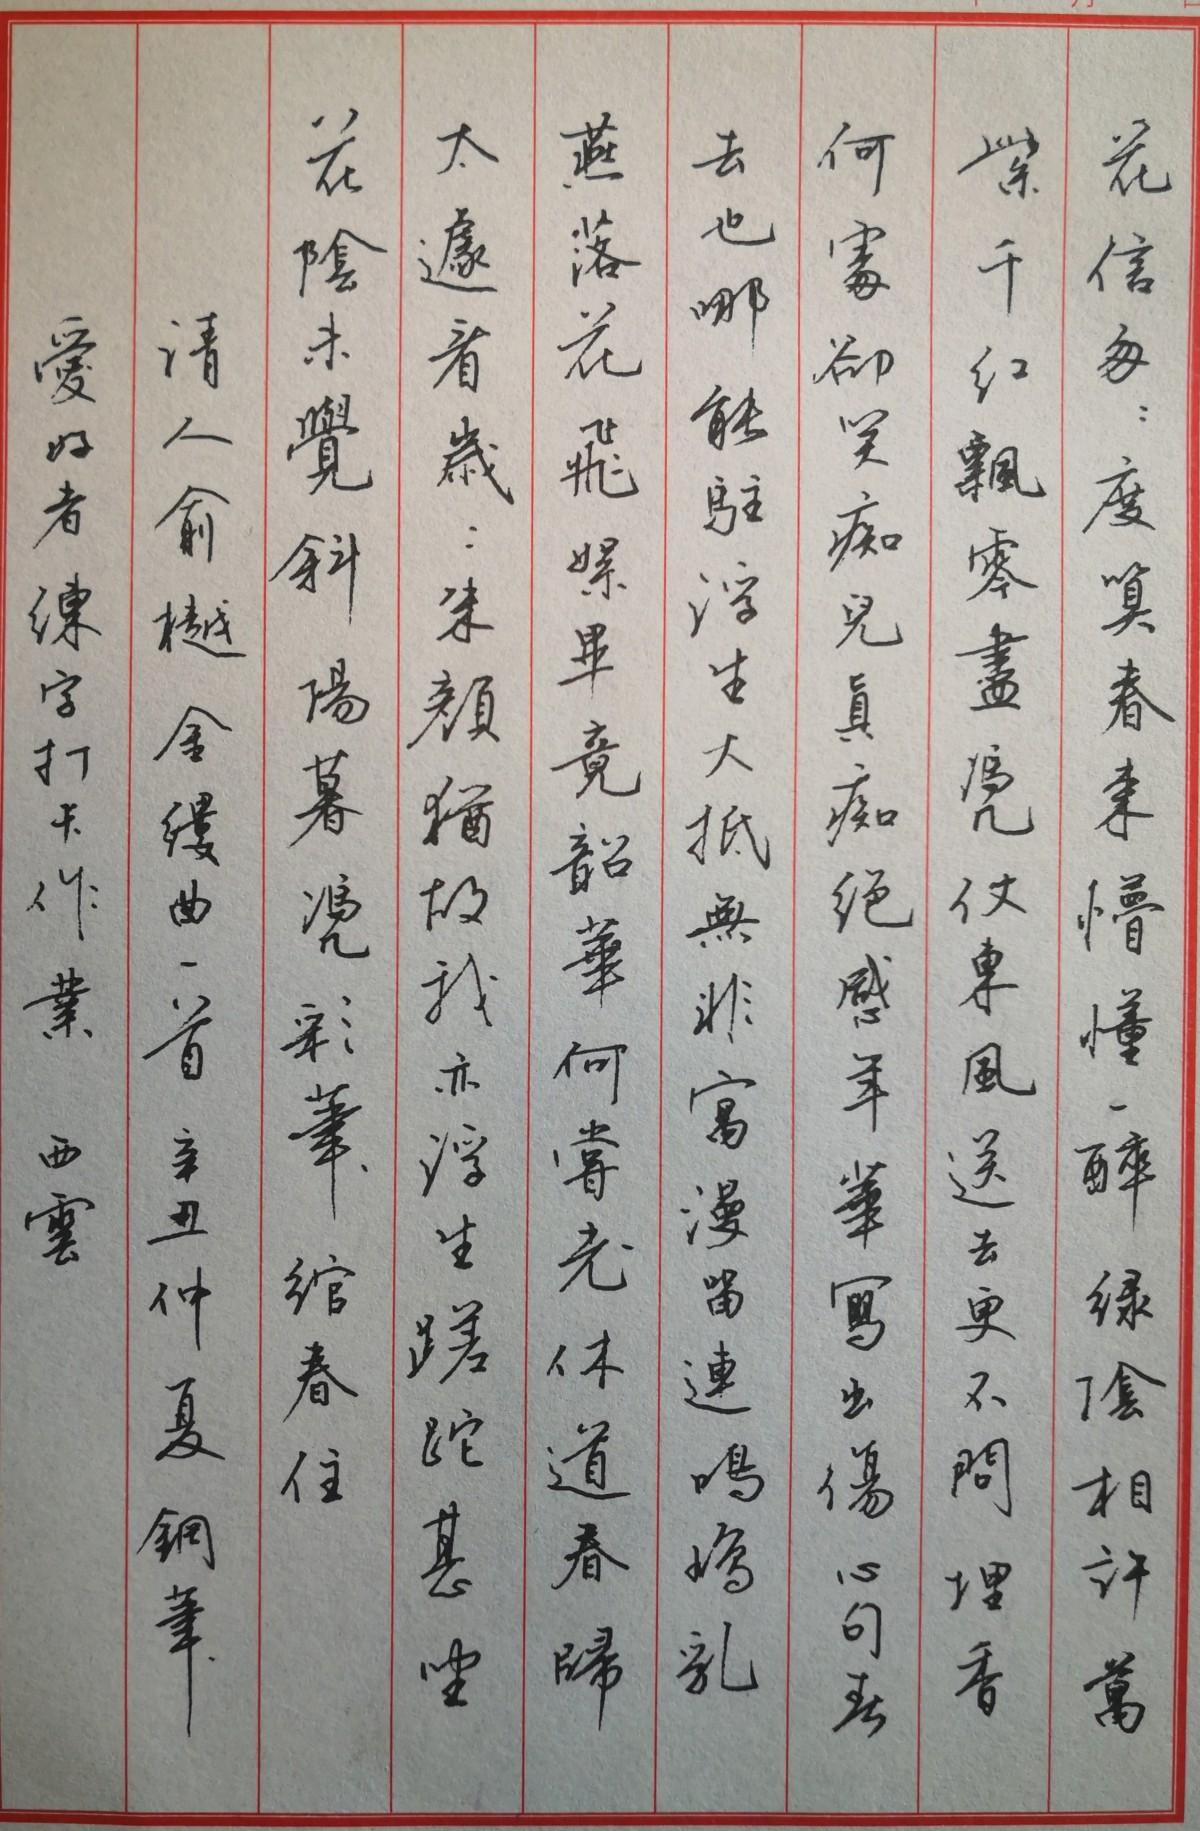 钢笔书法练字打卡20210810-17